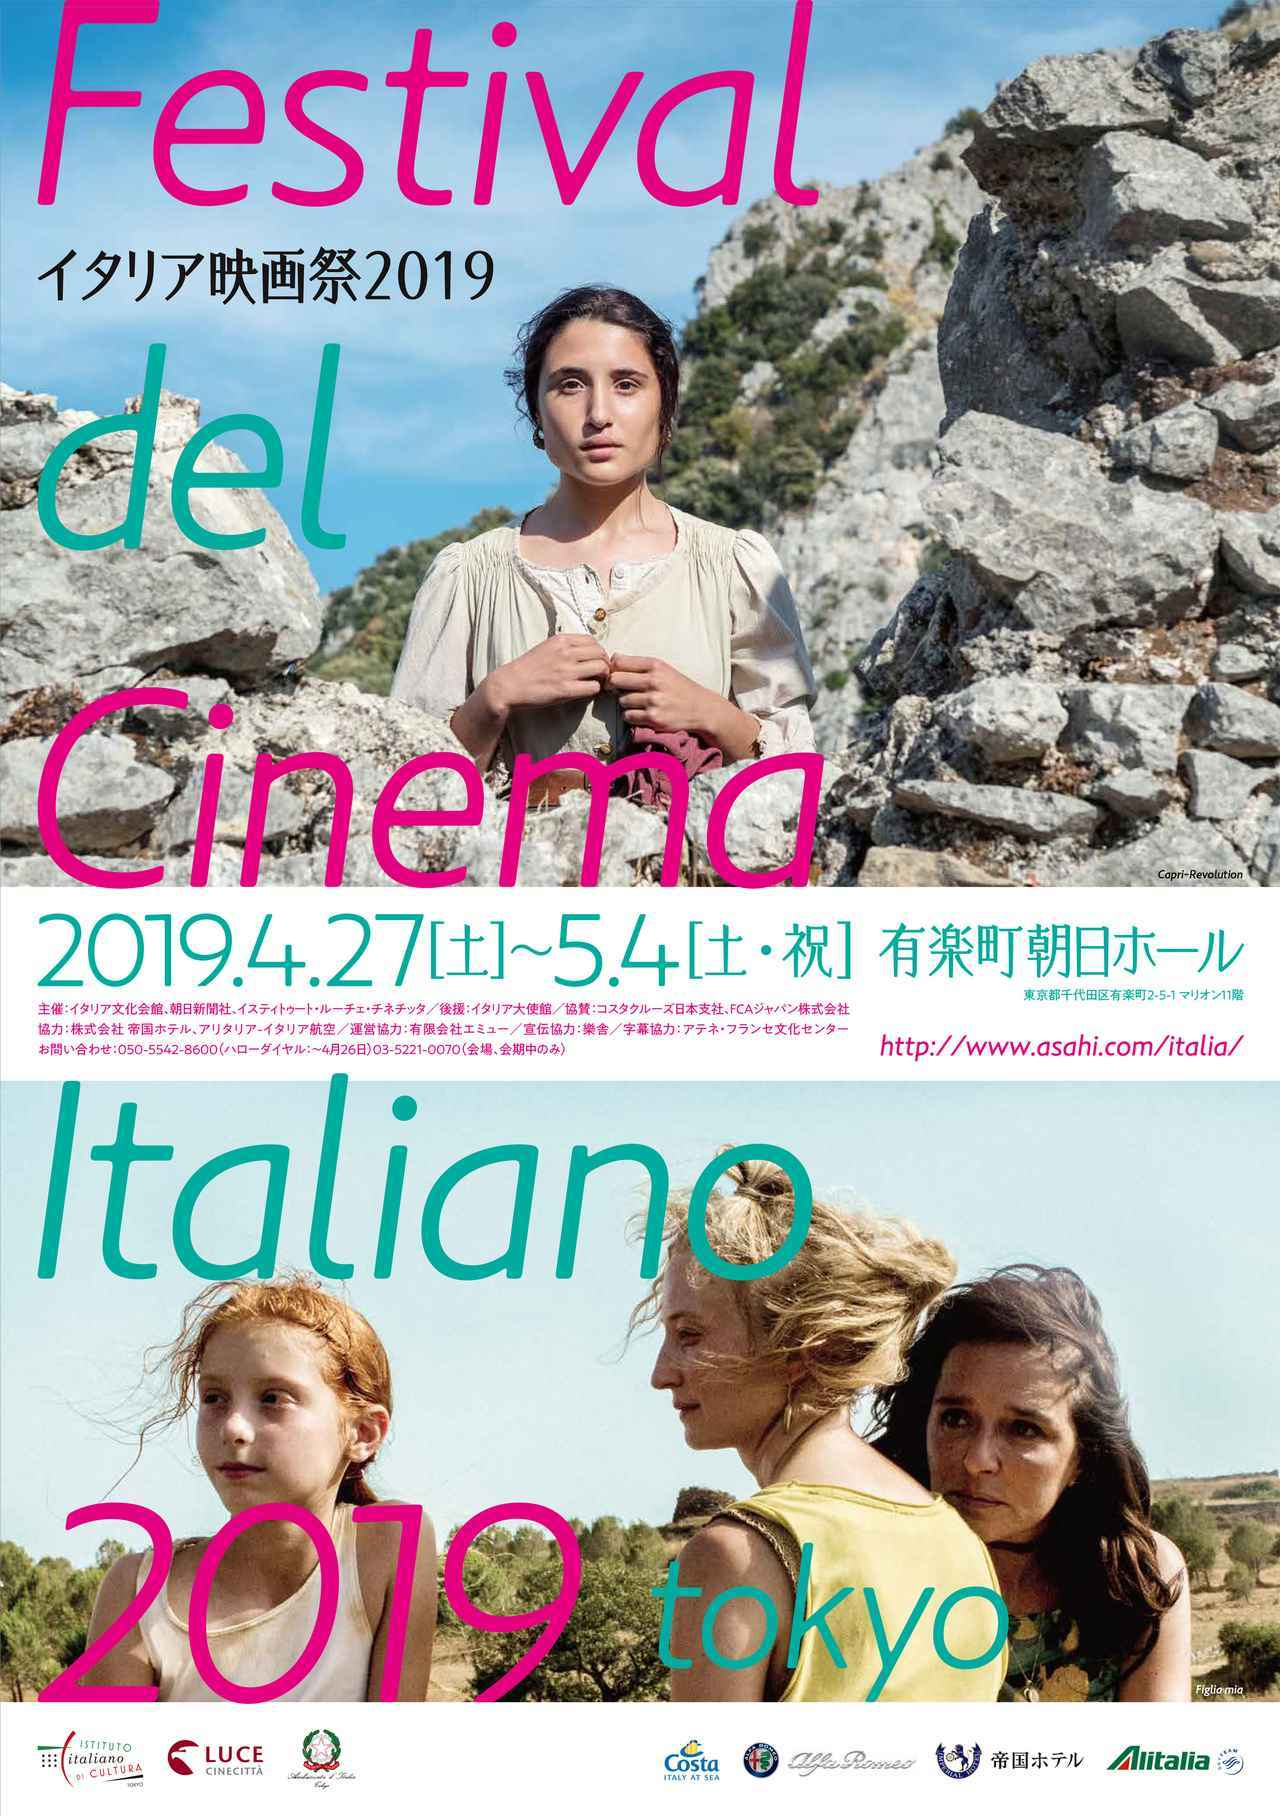 画像: GWの映画ファンにとって恒例イベント「イタリア映画祭」-2019年はマルコ・トゥッリオ・ジョルダーナ、ロベルト・アンドーなど監督&キャスト総勢11 名が来日!